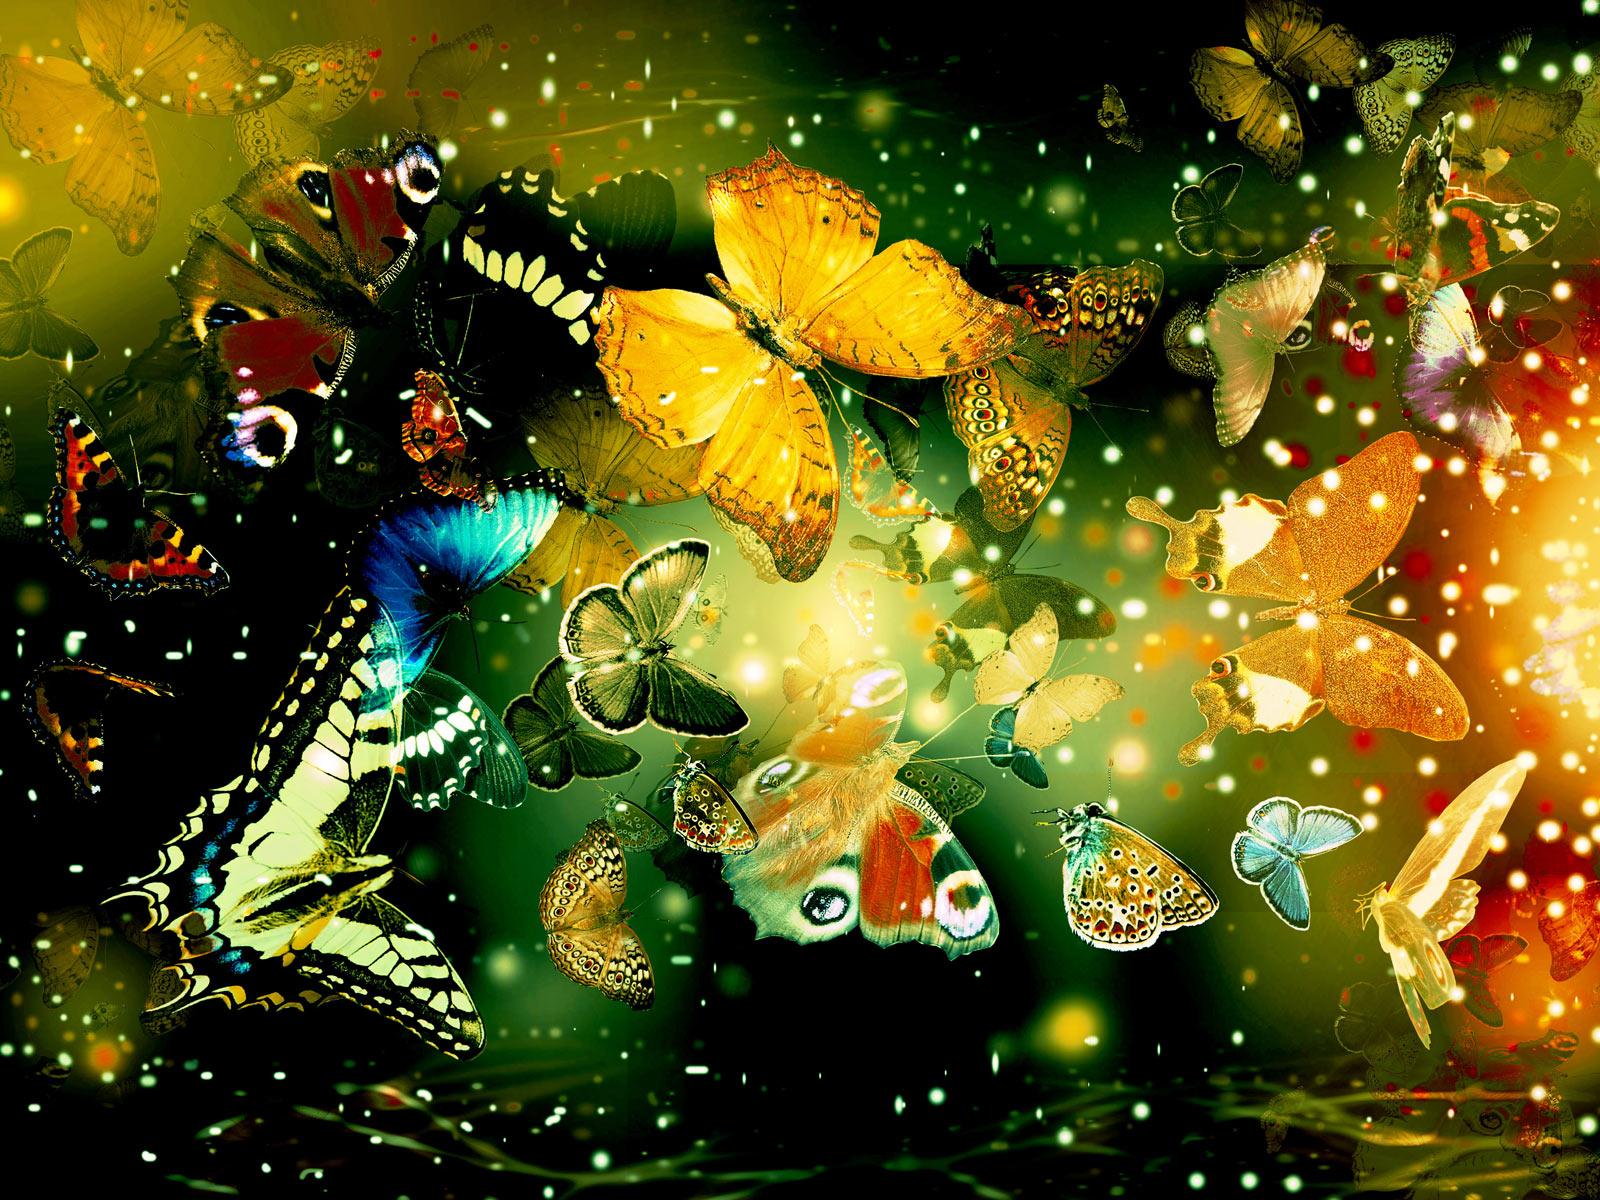 Butterflies desktop backgrounds hd Wallpaper High Quality Wallpapers 1600x1200